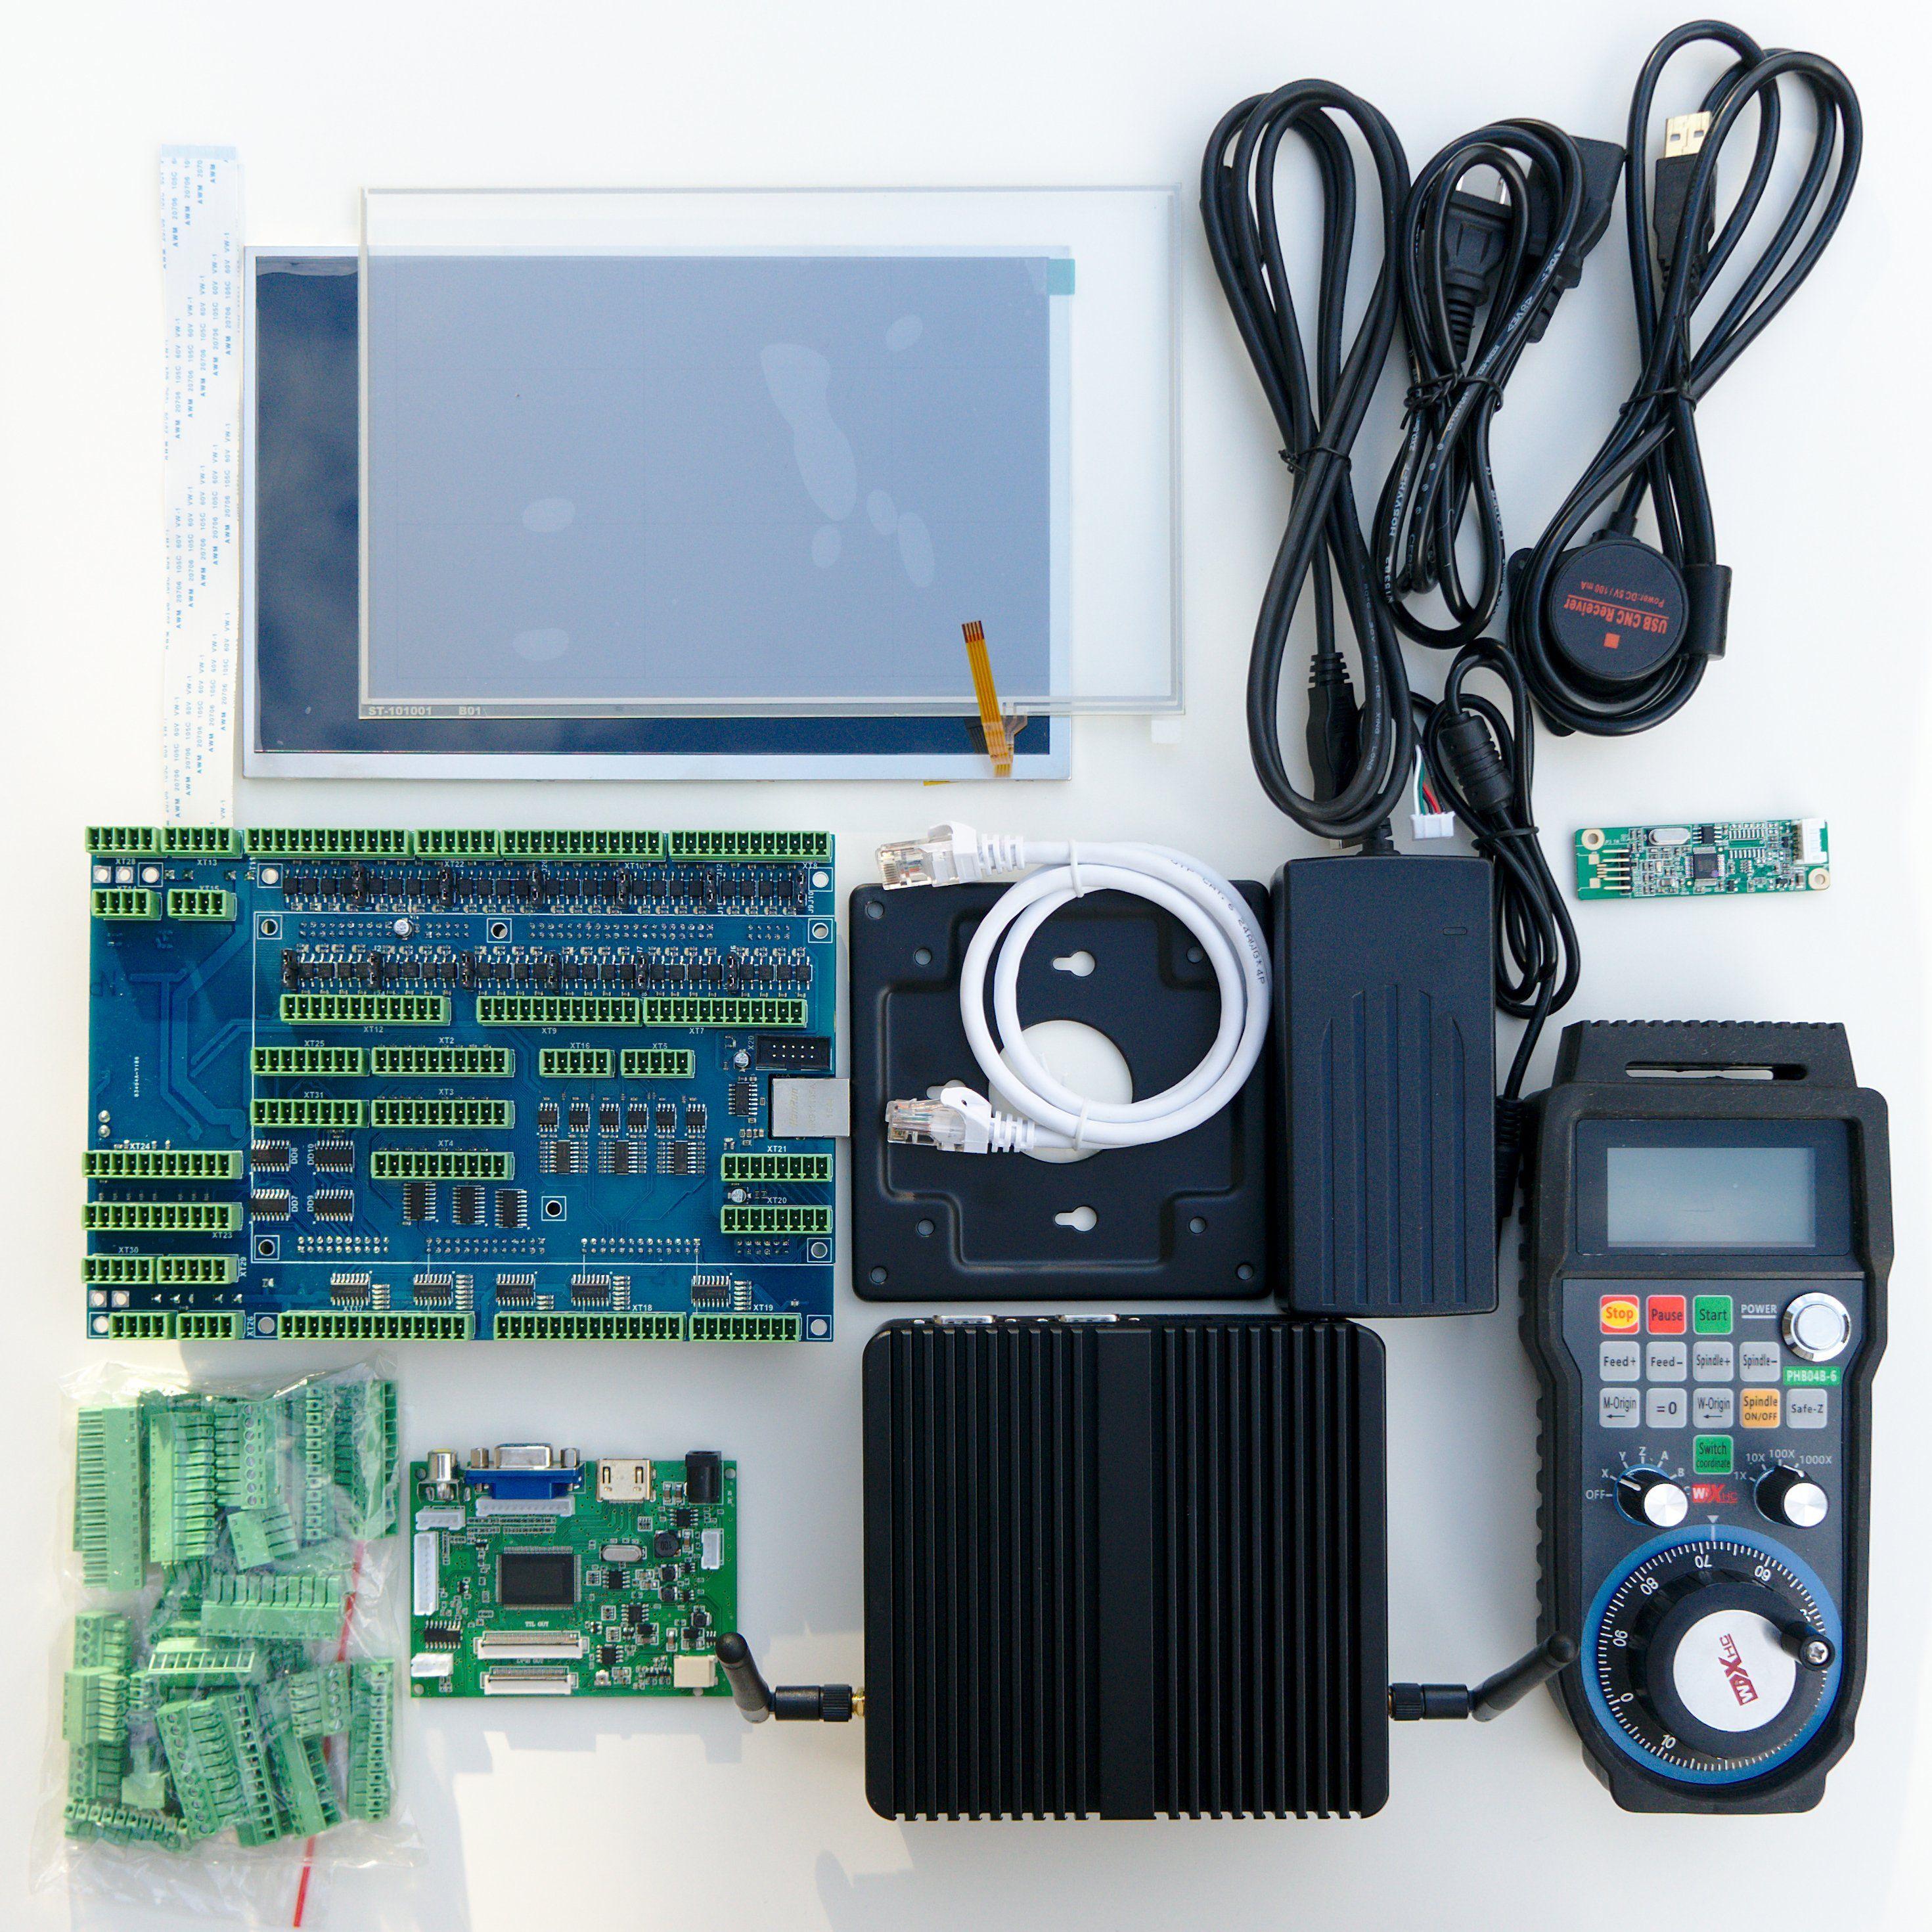 10PC2-ET10 CNC control kit includes myCNC-ET10 CNC controller board